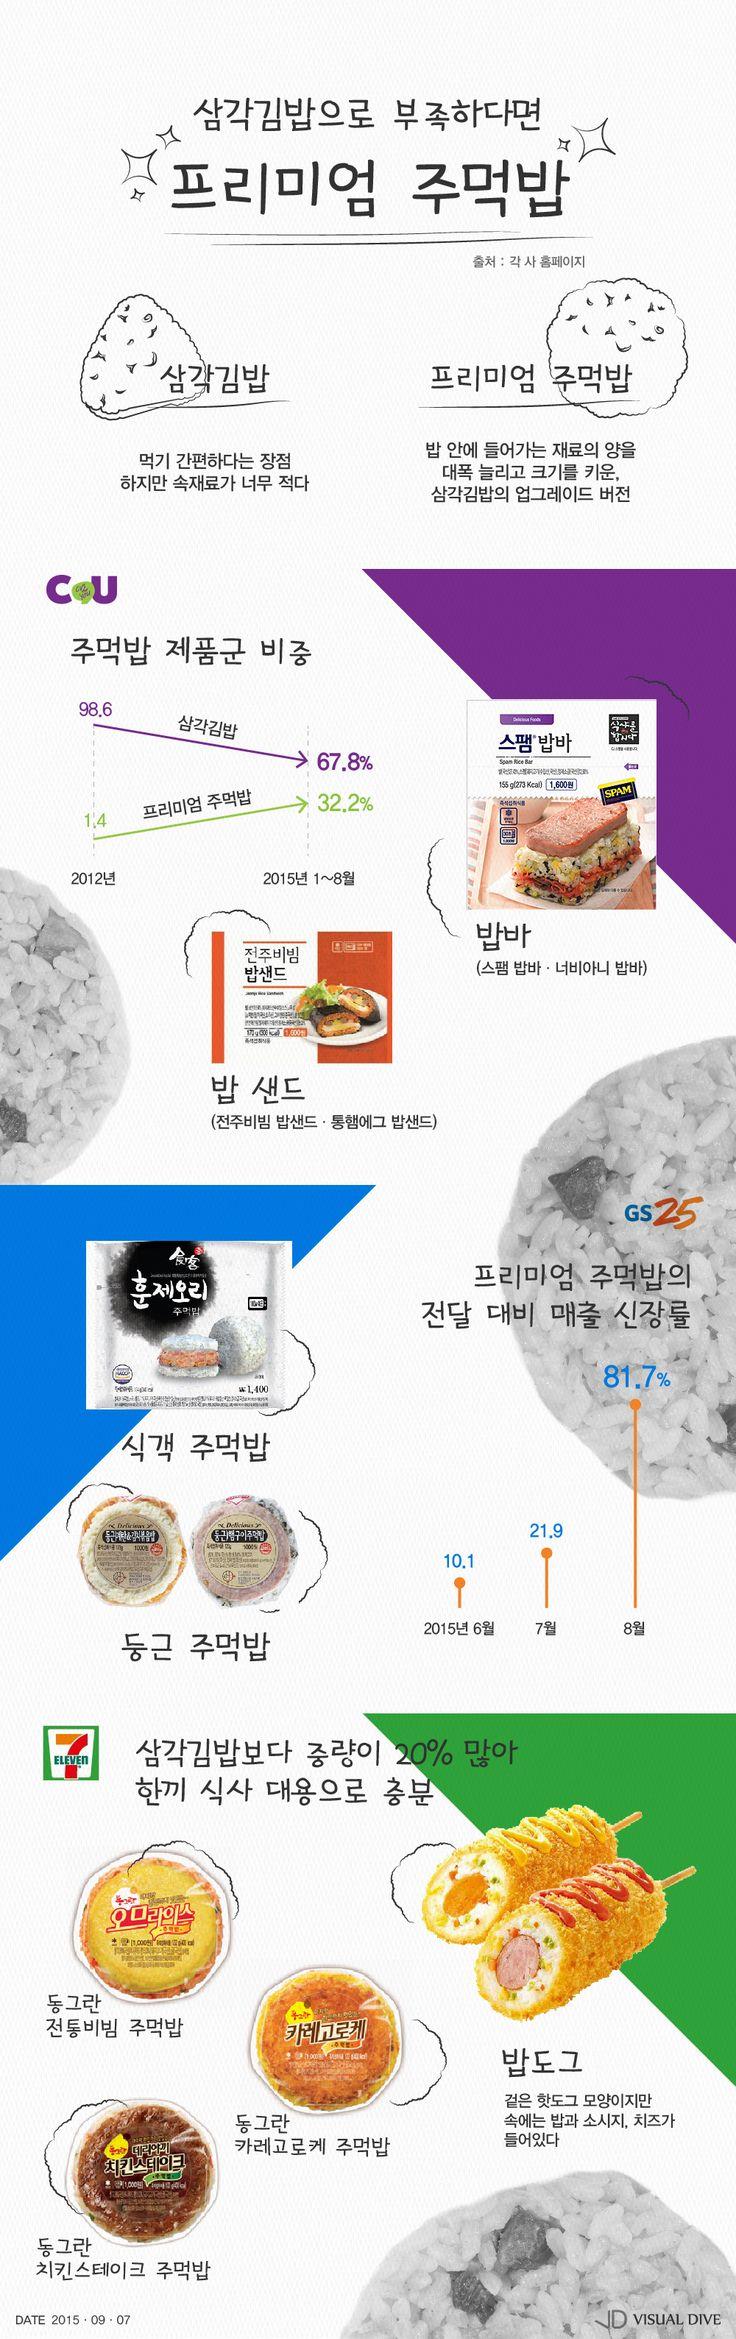 네모난 삼각김밥? NO!…난 '프리미엄 주먹밥' [인포그래픽] #Riceball / #Infographic ⓒ 비주얼다이브 무단 복사·전재·재배포 금지